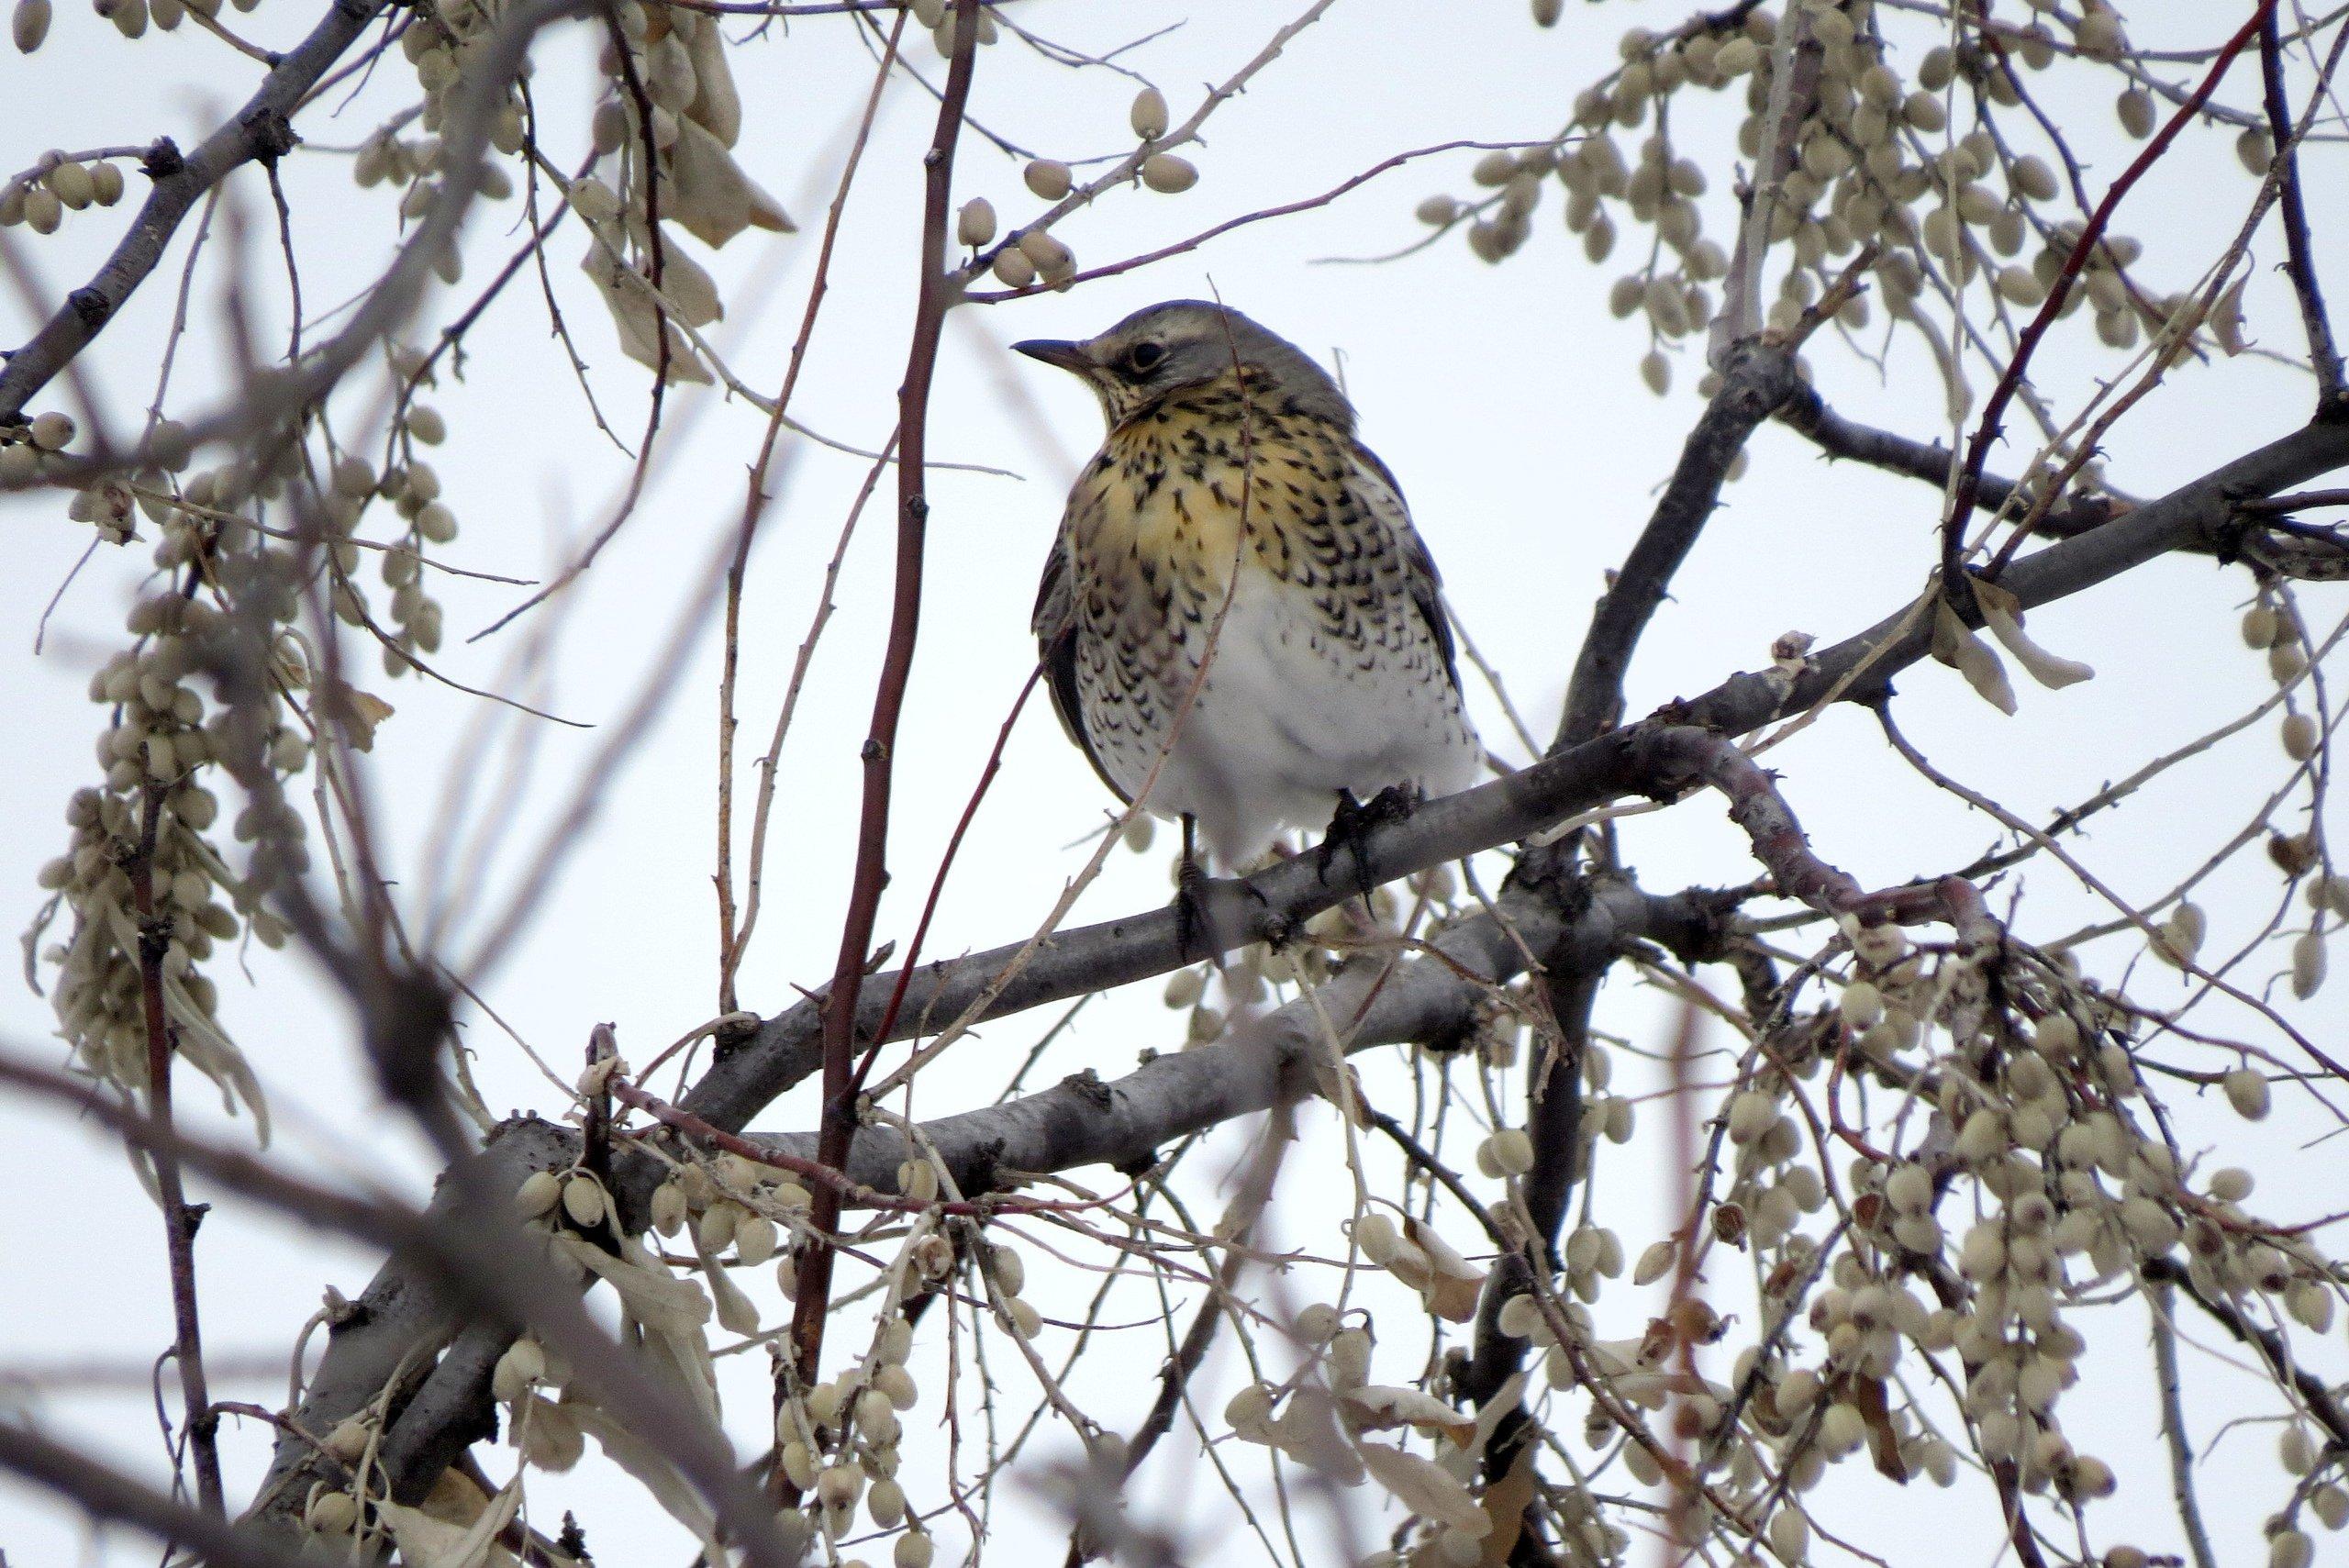 мод птицы алтайского края фото с названиями чуть погиб результате